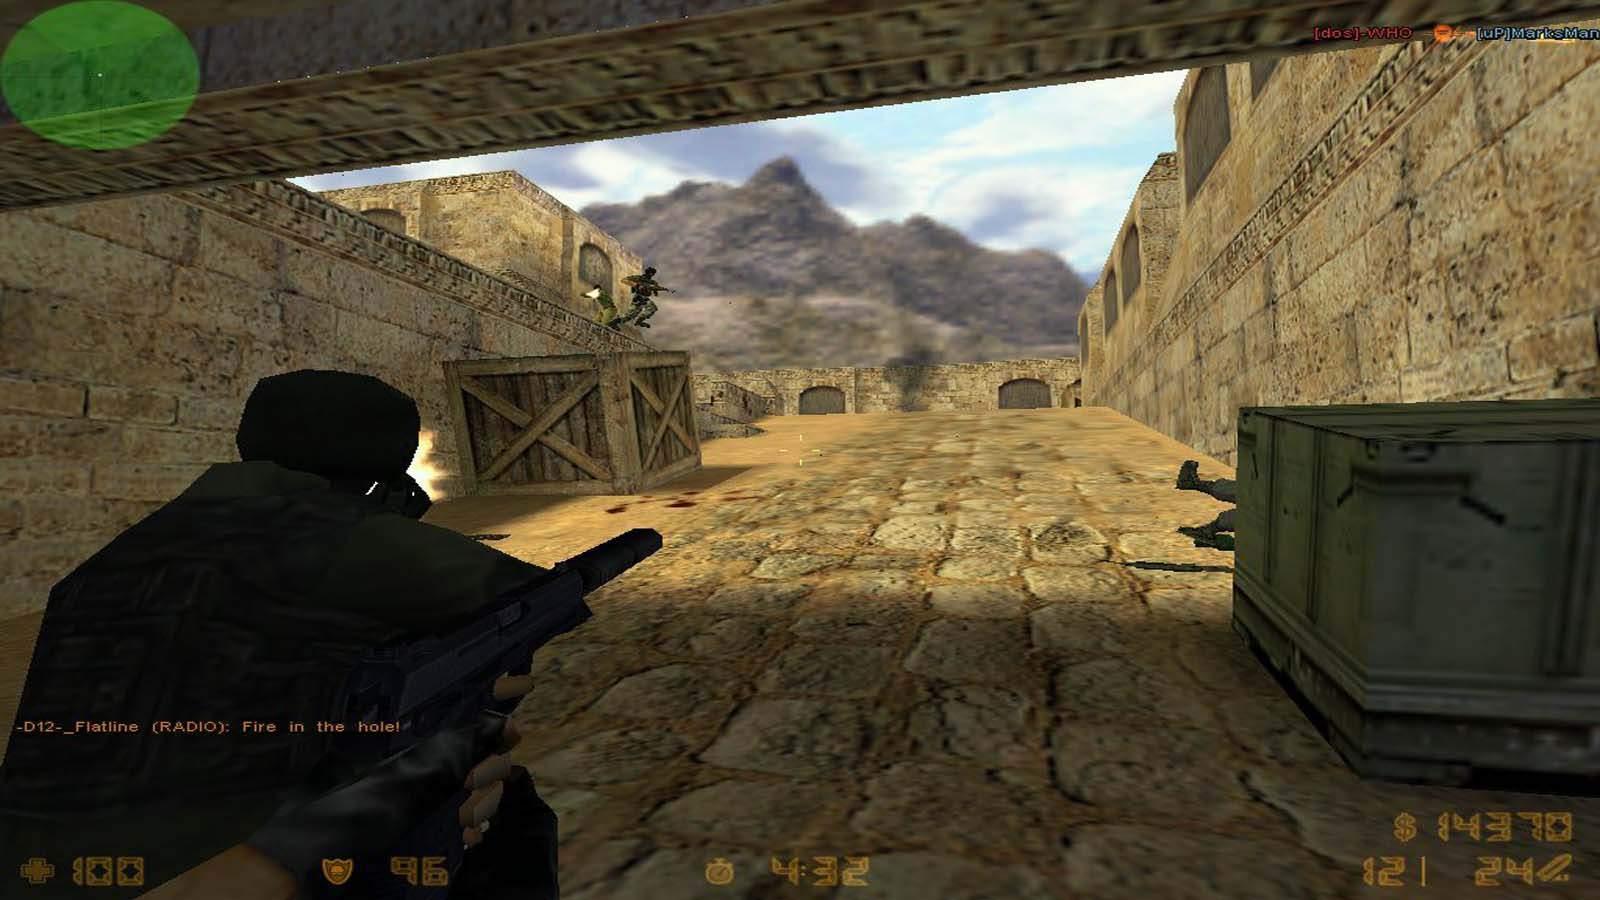 تحميل لعبة Counter Strike 1.4 مضغوطة برابط واحد مباشر كاملة مجانا